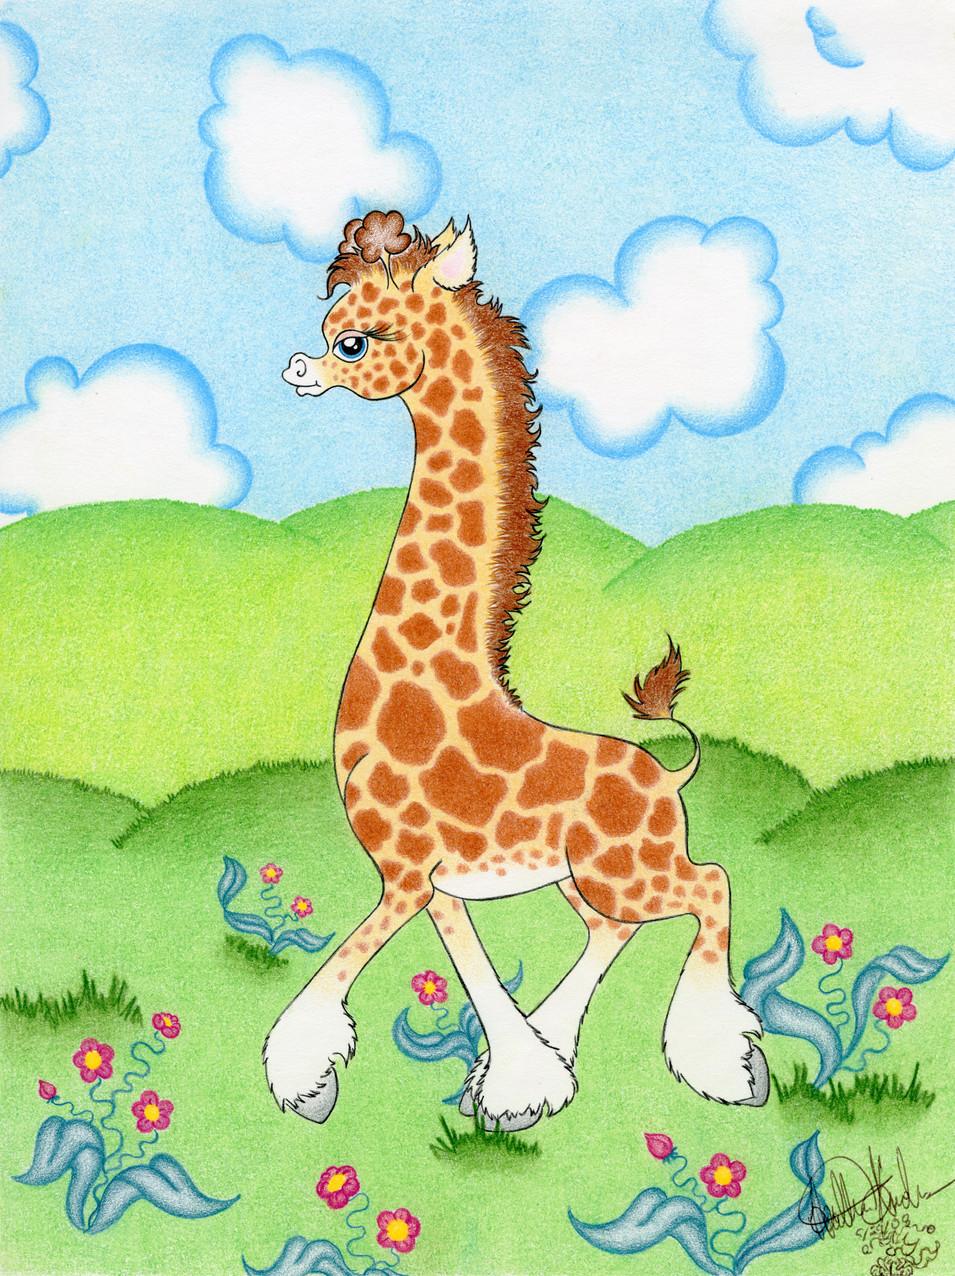 Giraffe_5-29-08(small).jpg